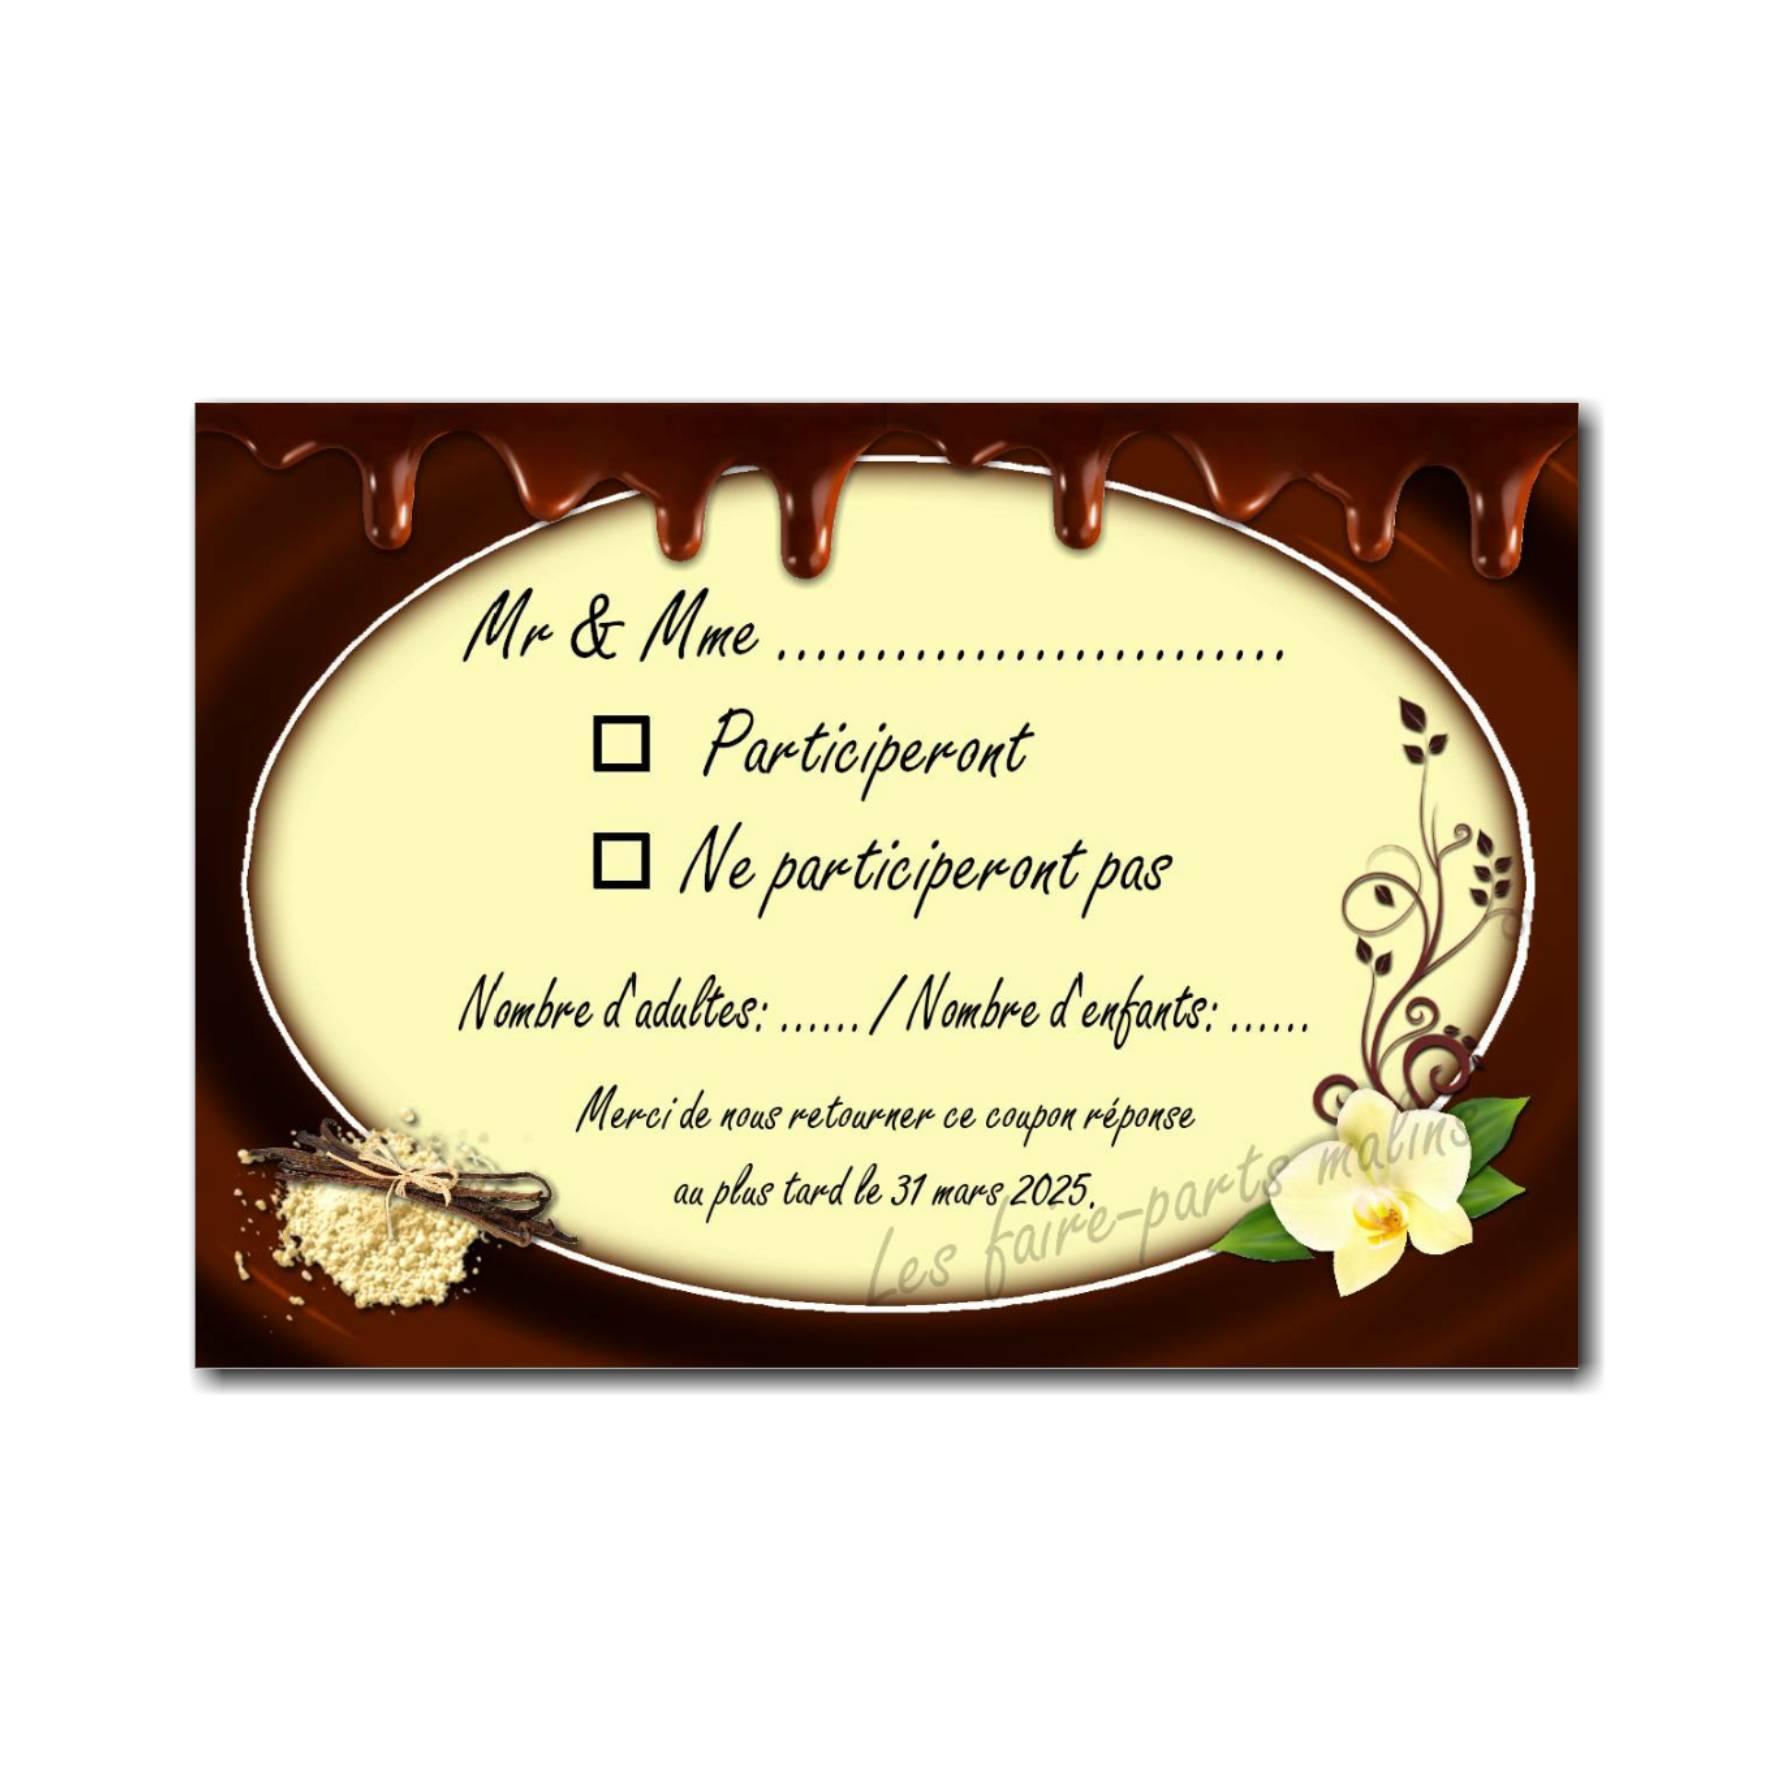 coupon réponse chocolat fondant et vanille